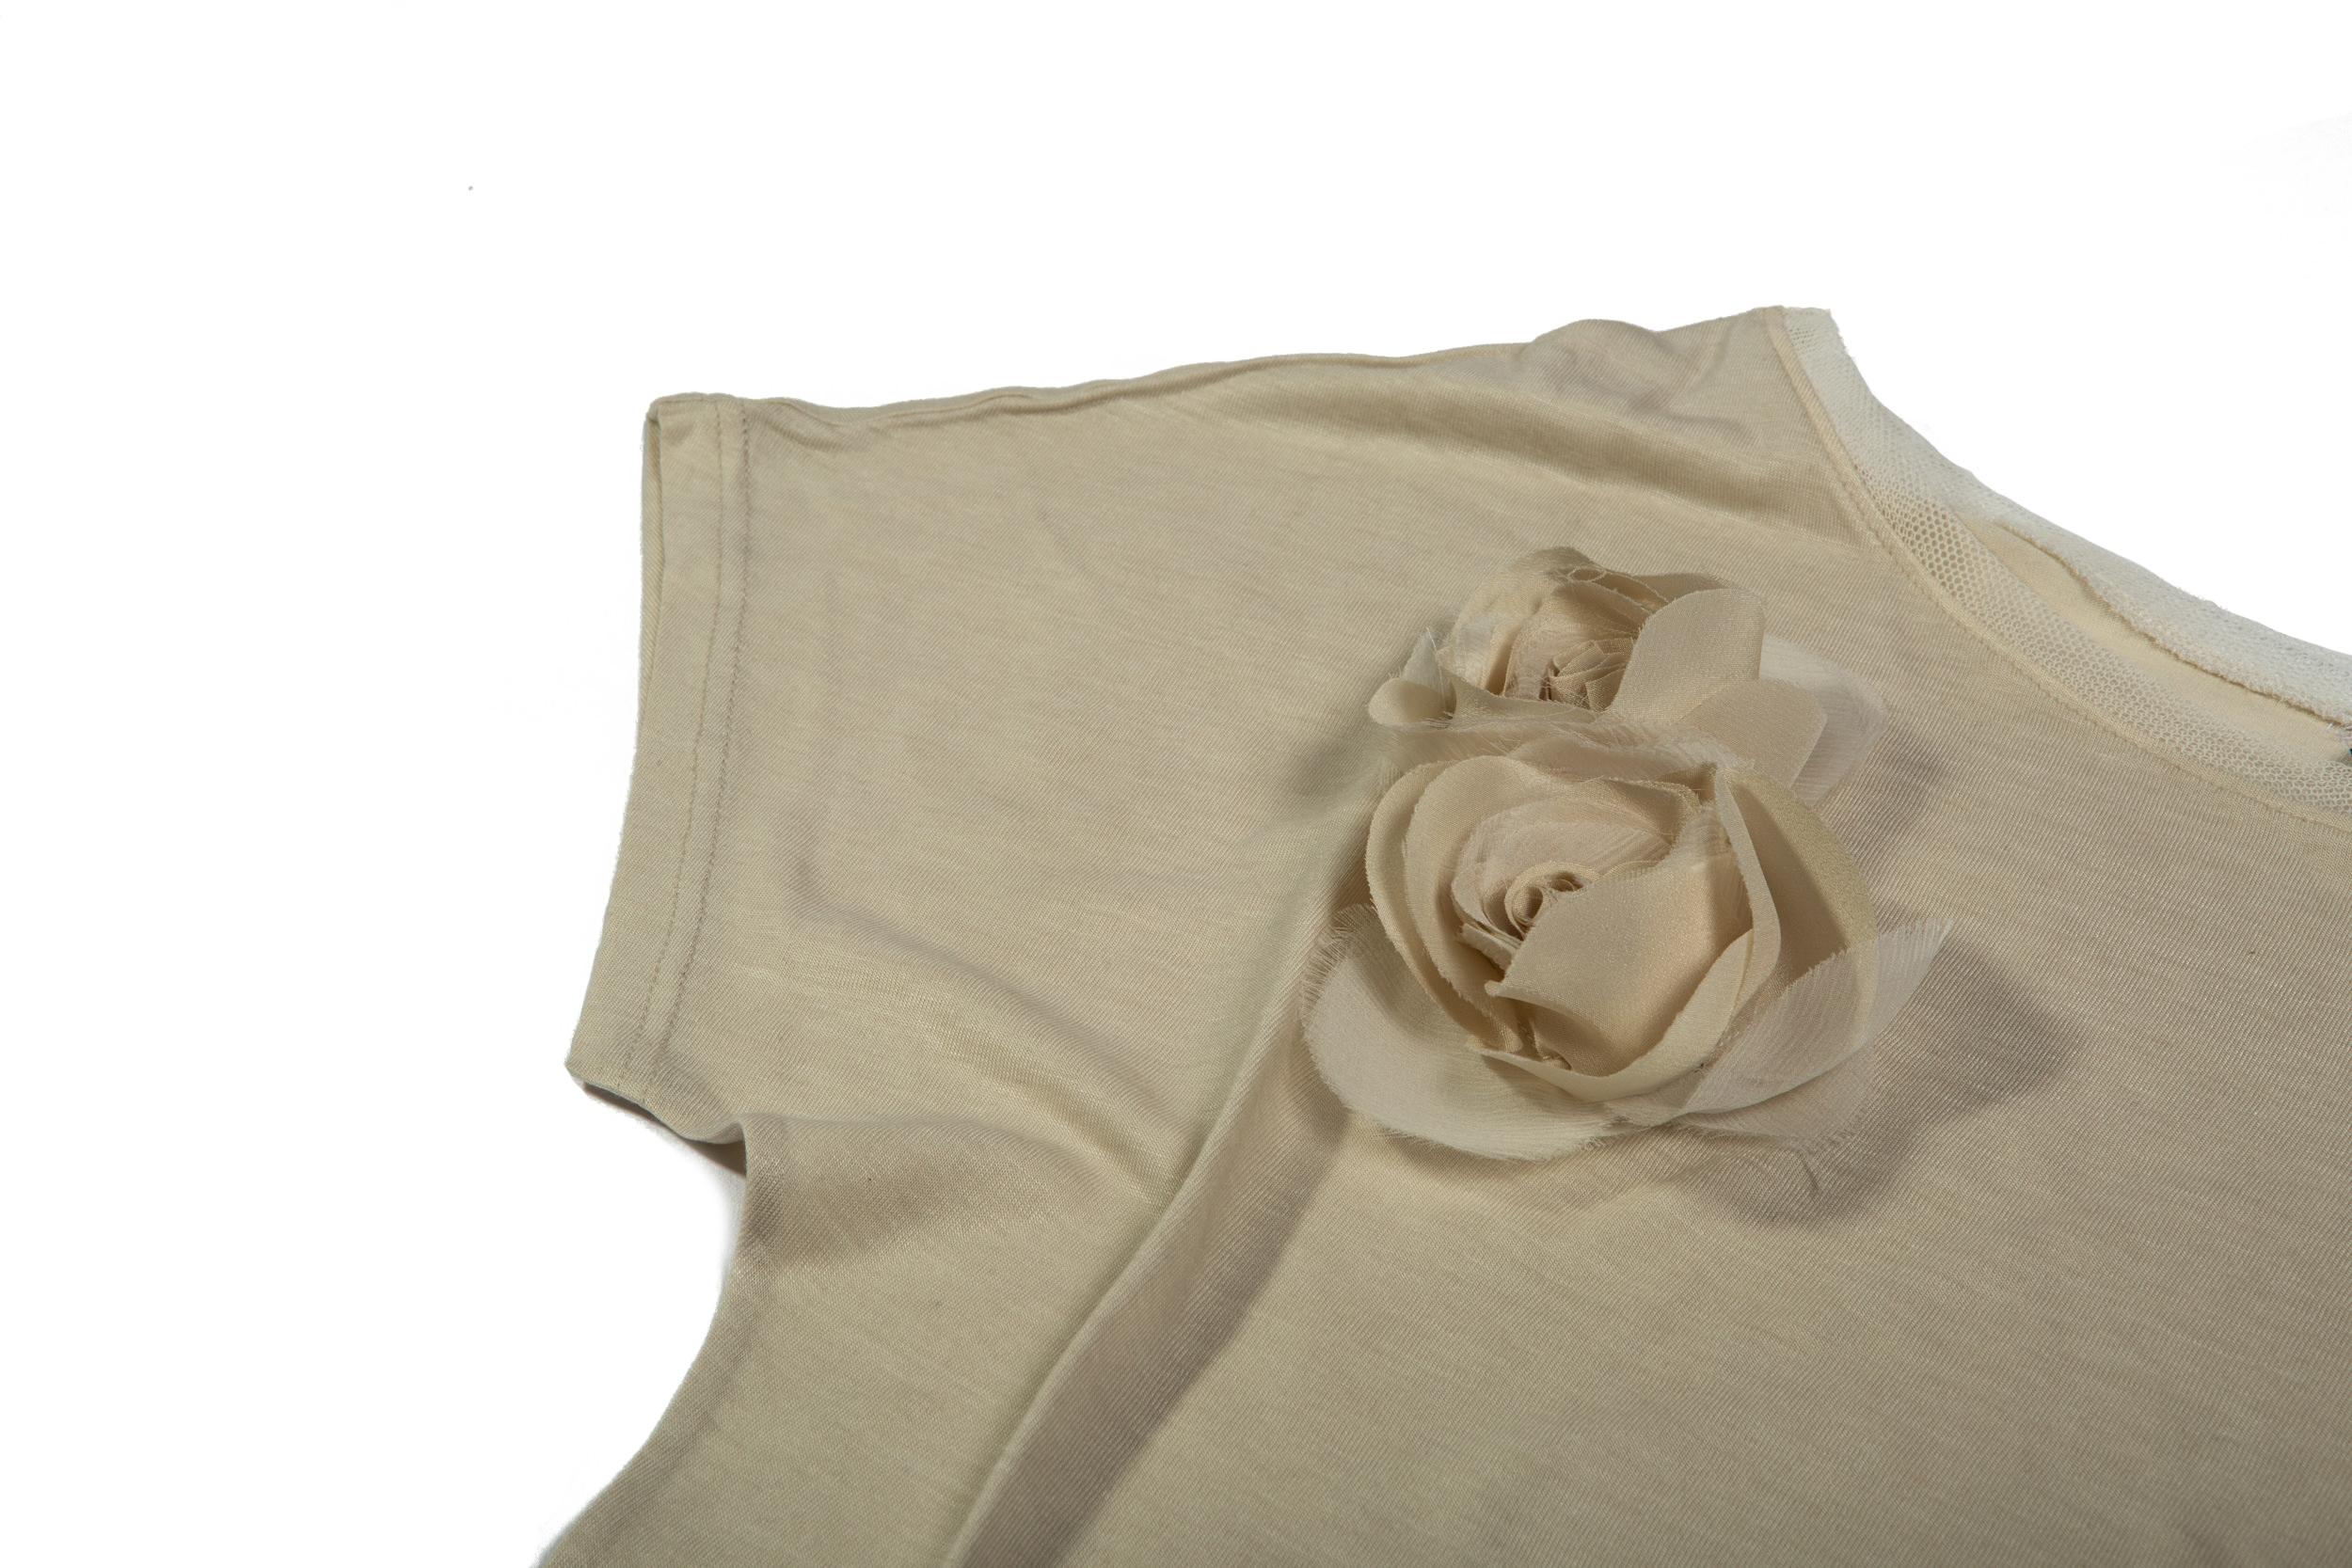 Dettaglio manica maglia in viscosa/seta con applicazione